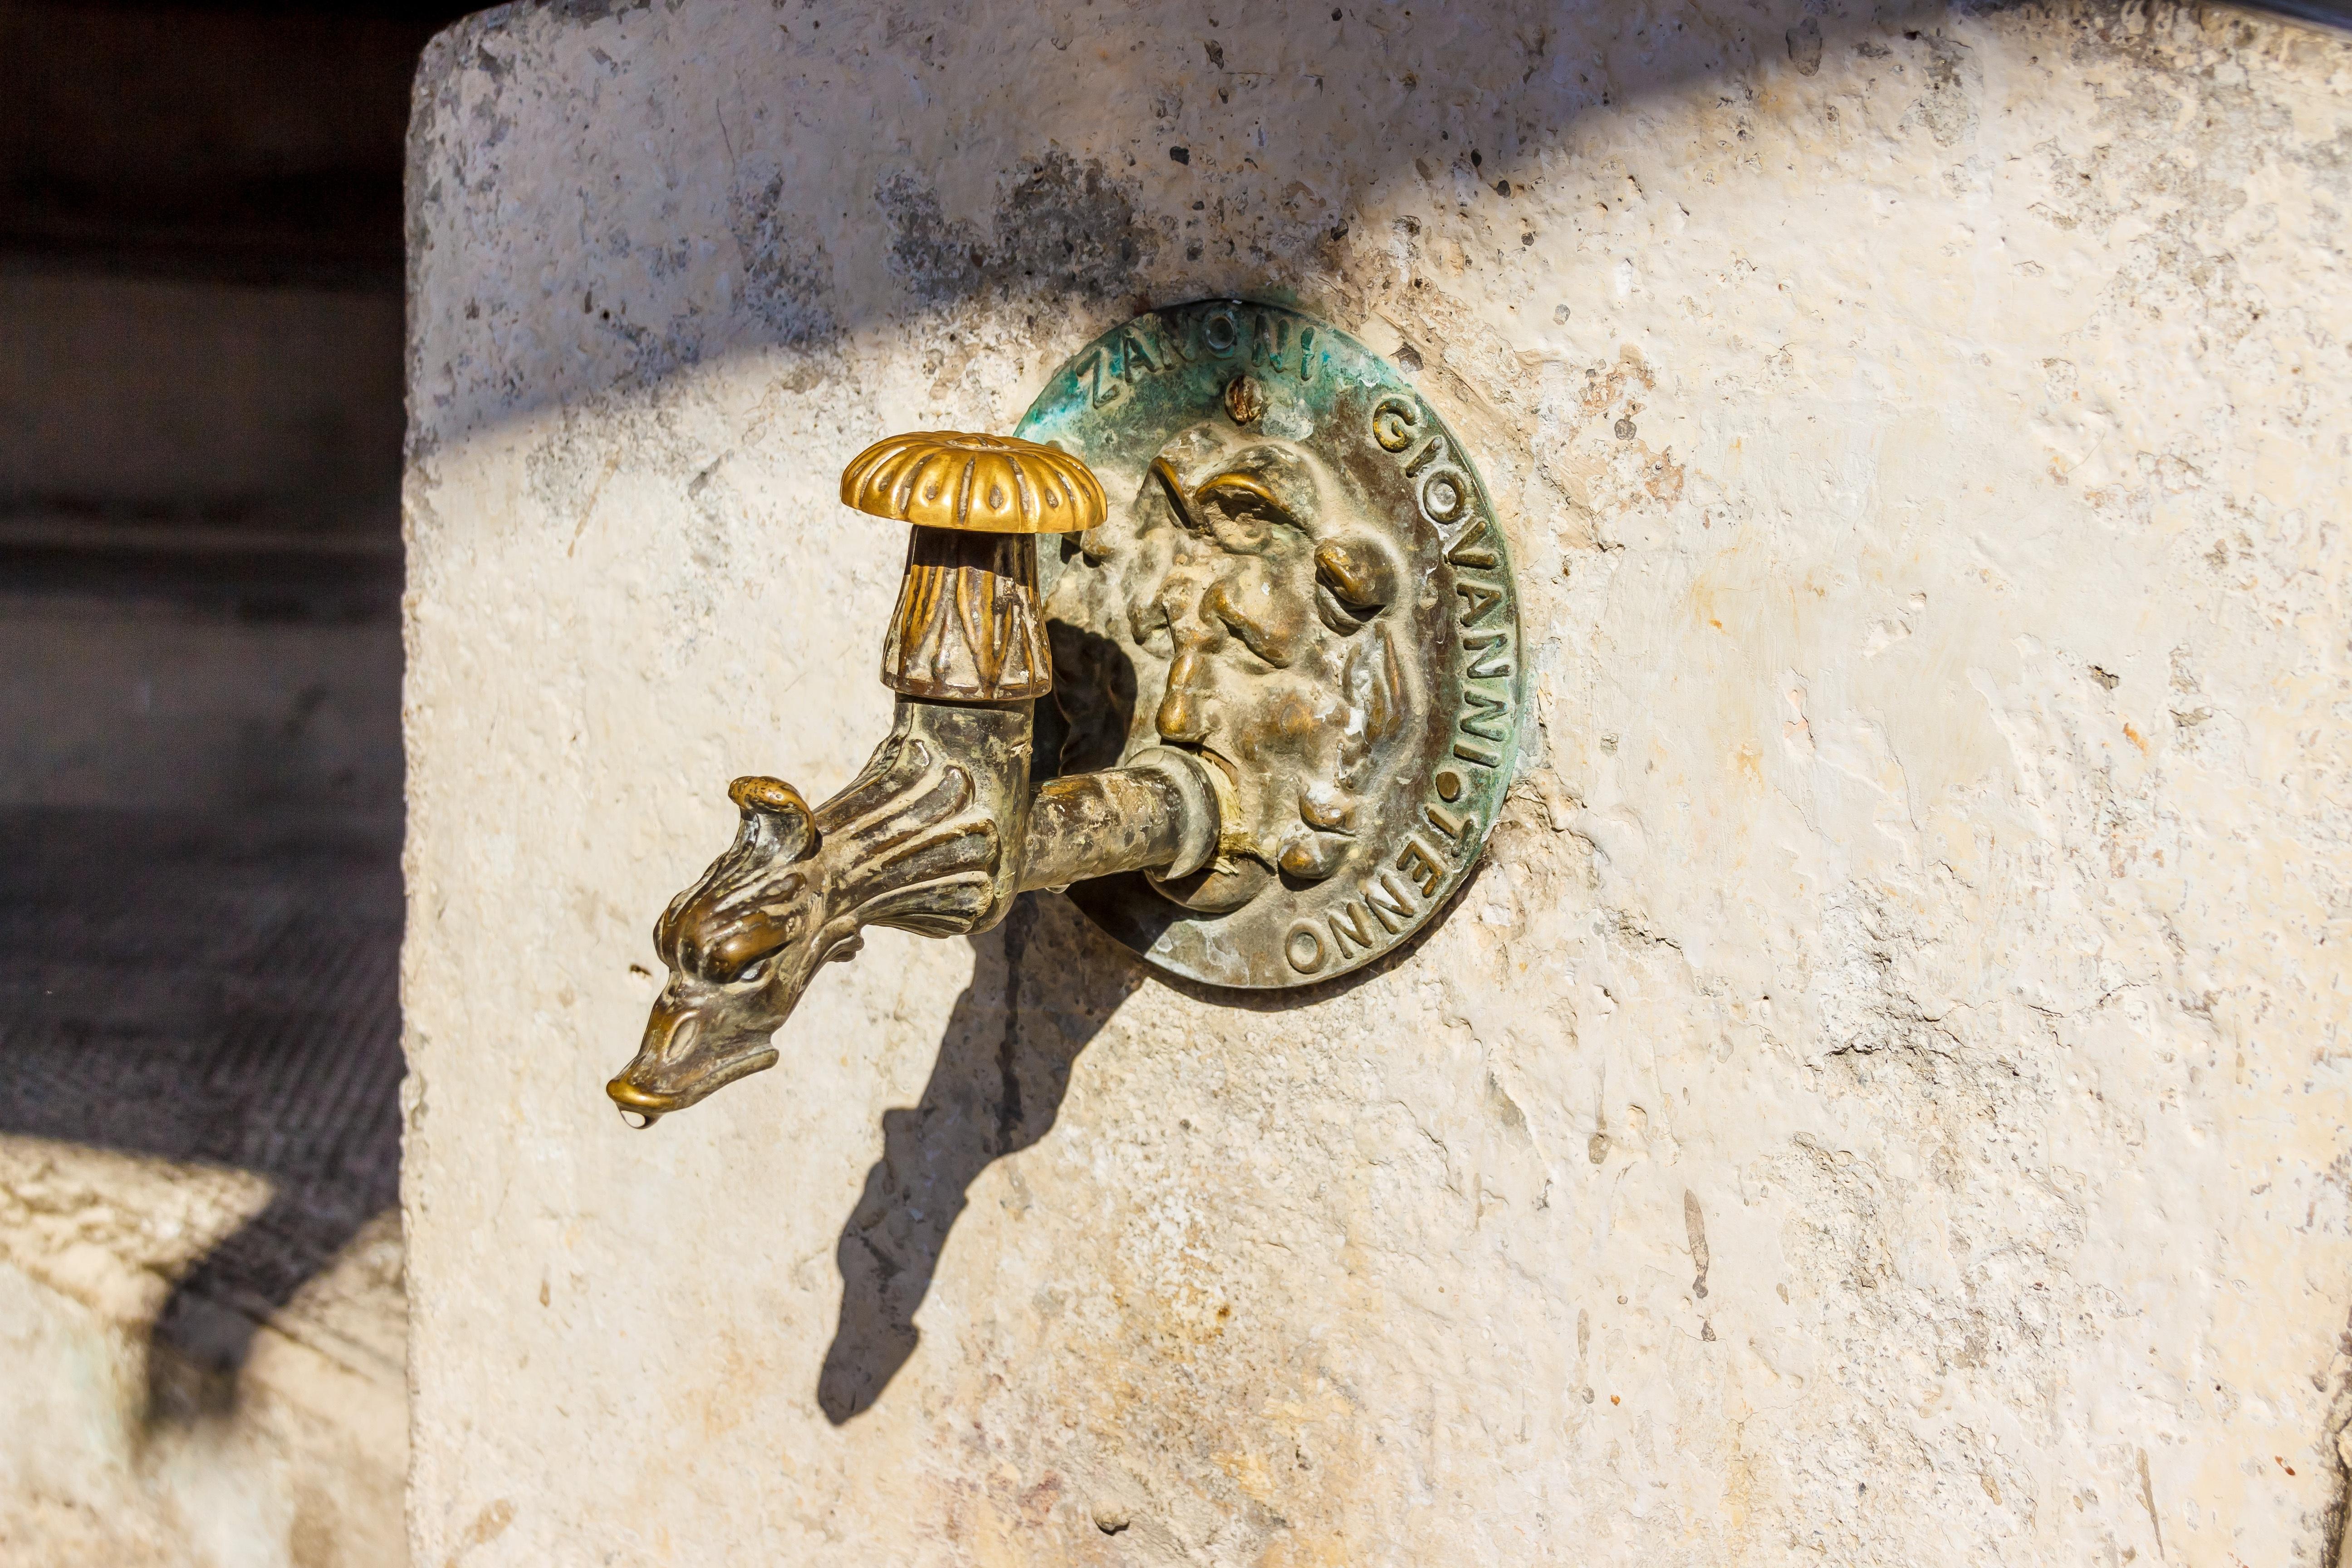 repair sink for antique kitchen kohler of faucet bathroom vintage metal your faucets bathtub parts brilliant ideas